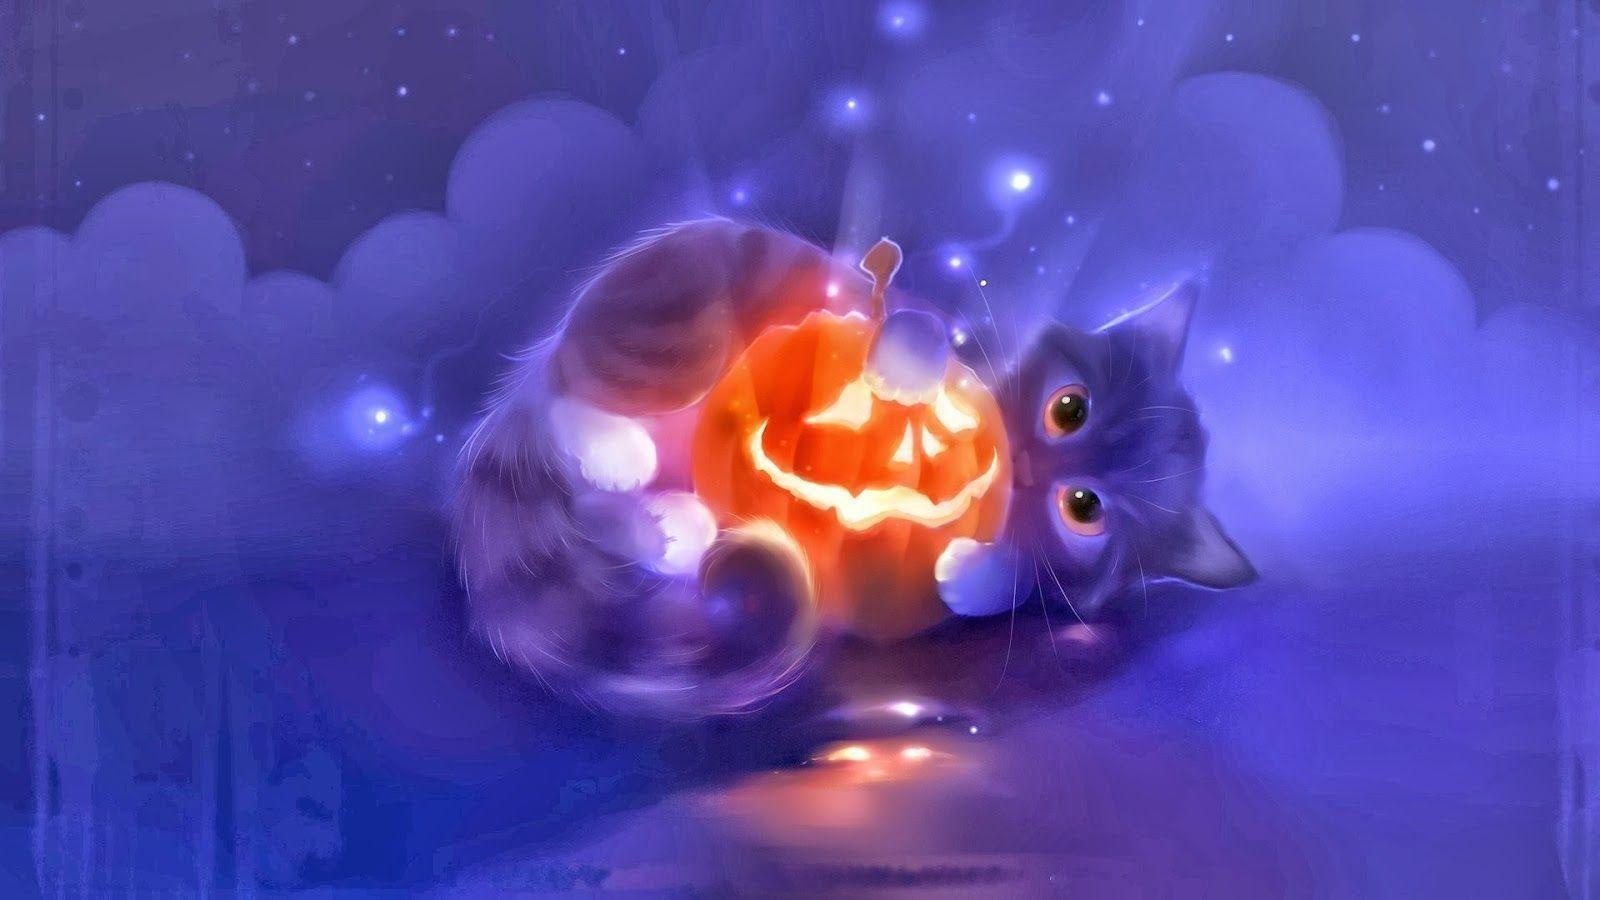 Cute Halloween Cat Wallpaper Https Www Hdwallpaperspop Com Cute Halloween Cat Wallpaper Halloween Wallpaper Cute Halloween Wallpaper Cat Wallpaper